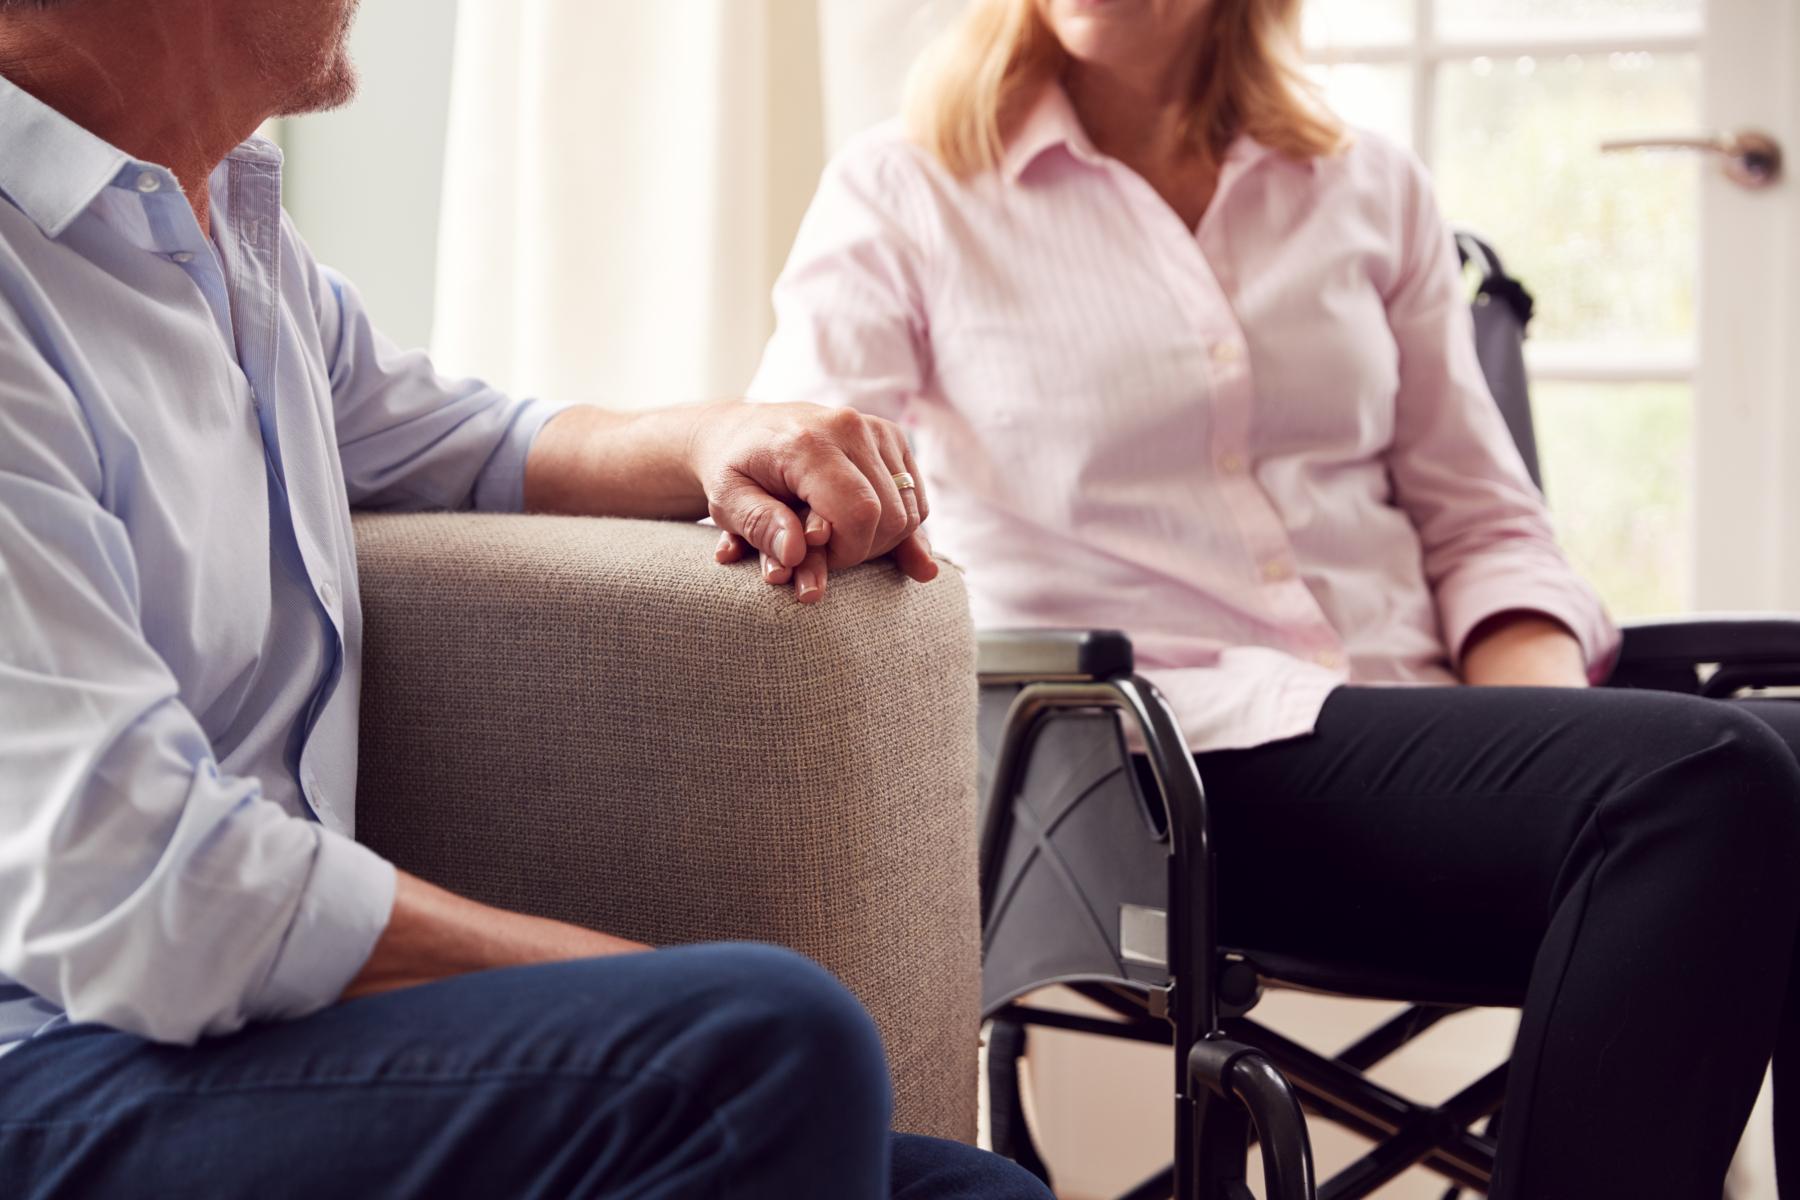 ALS er en sjelden sykdom som fører til muskelsvinn fordi nervecellene som sender signaler fra hjernen til musklene blir ødelagte